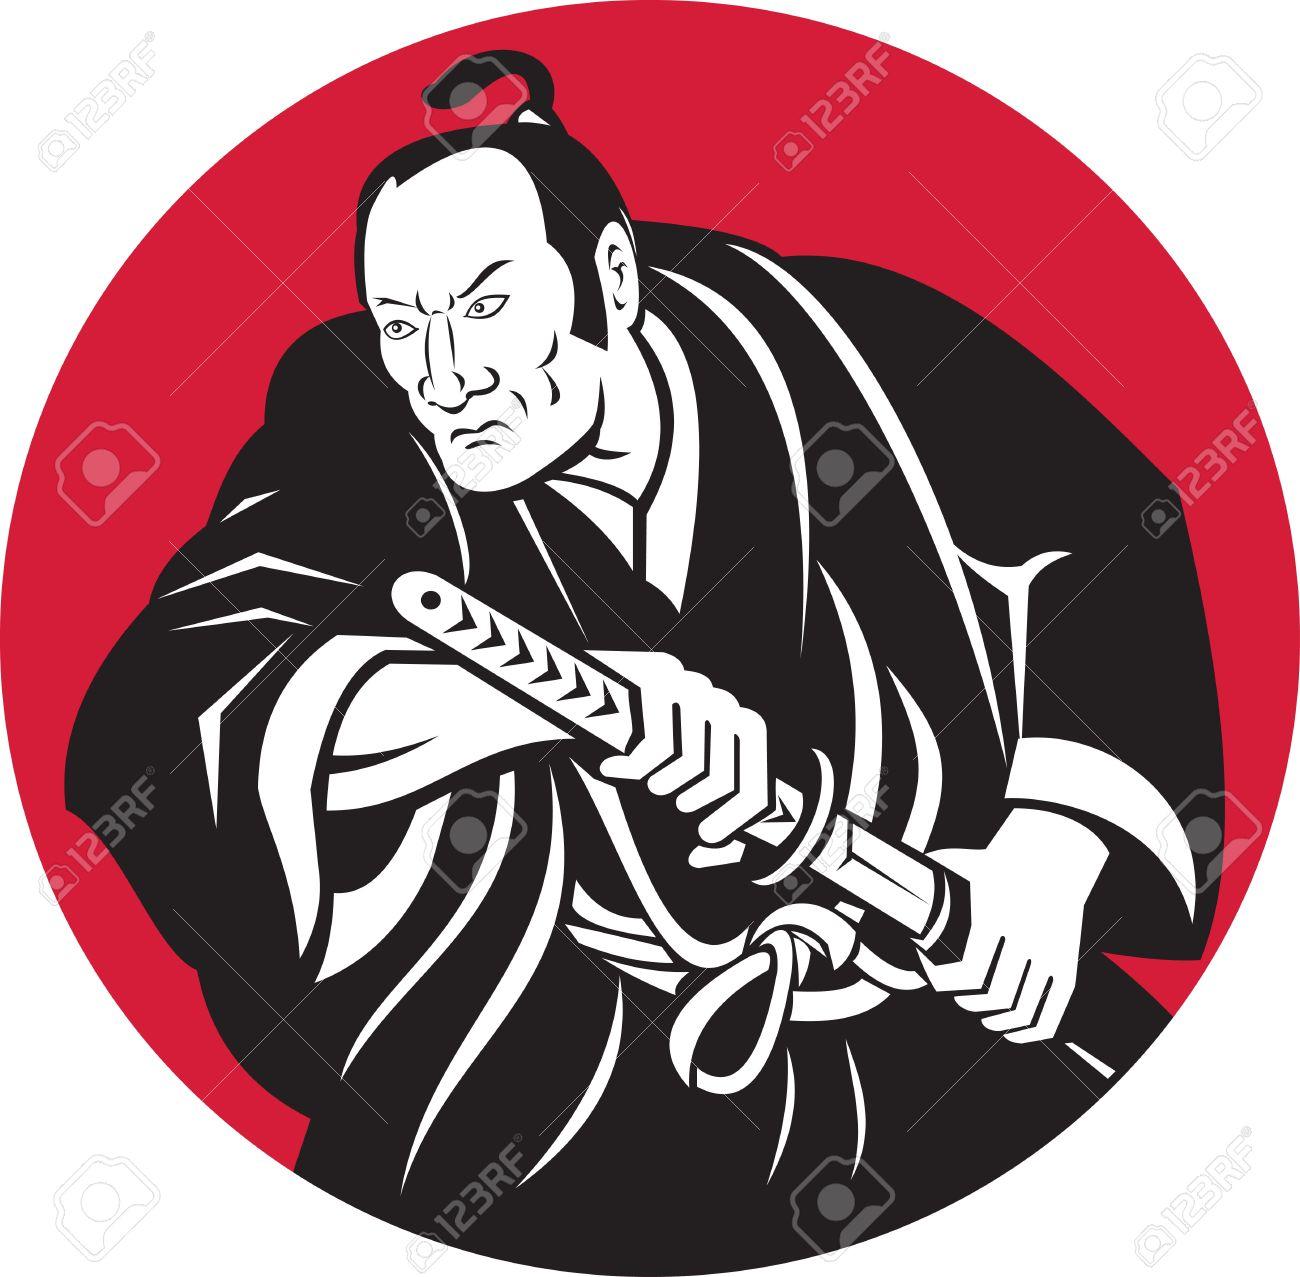 Samurai Warrior clipart #13, Download drawings